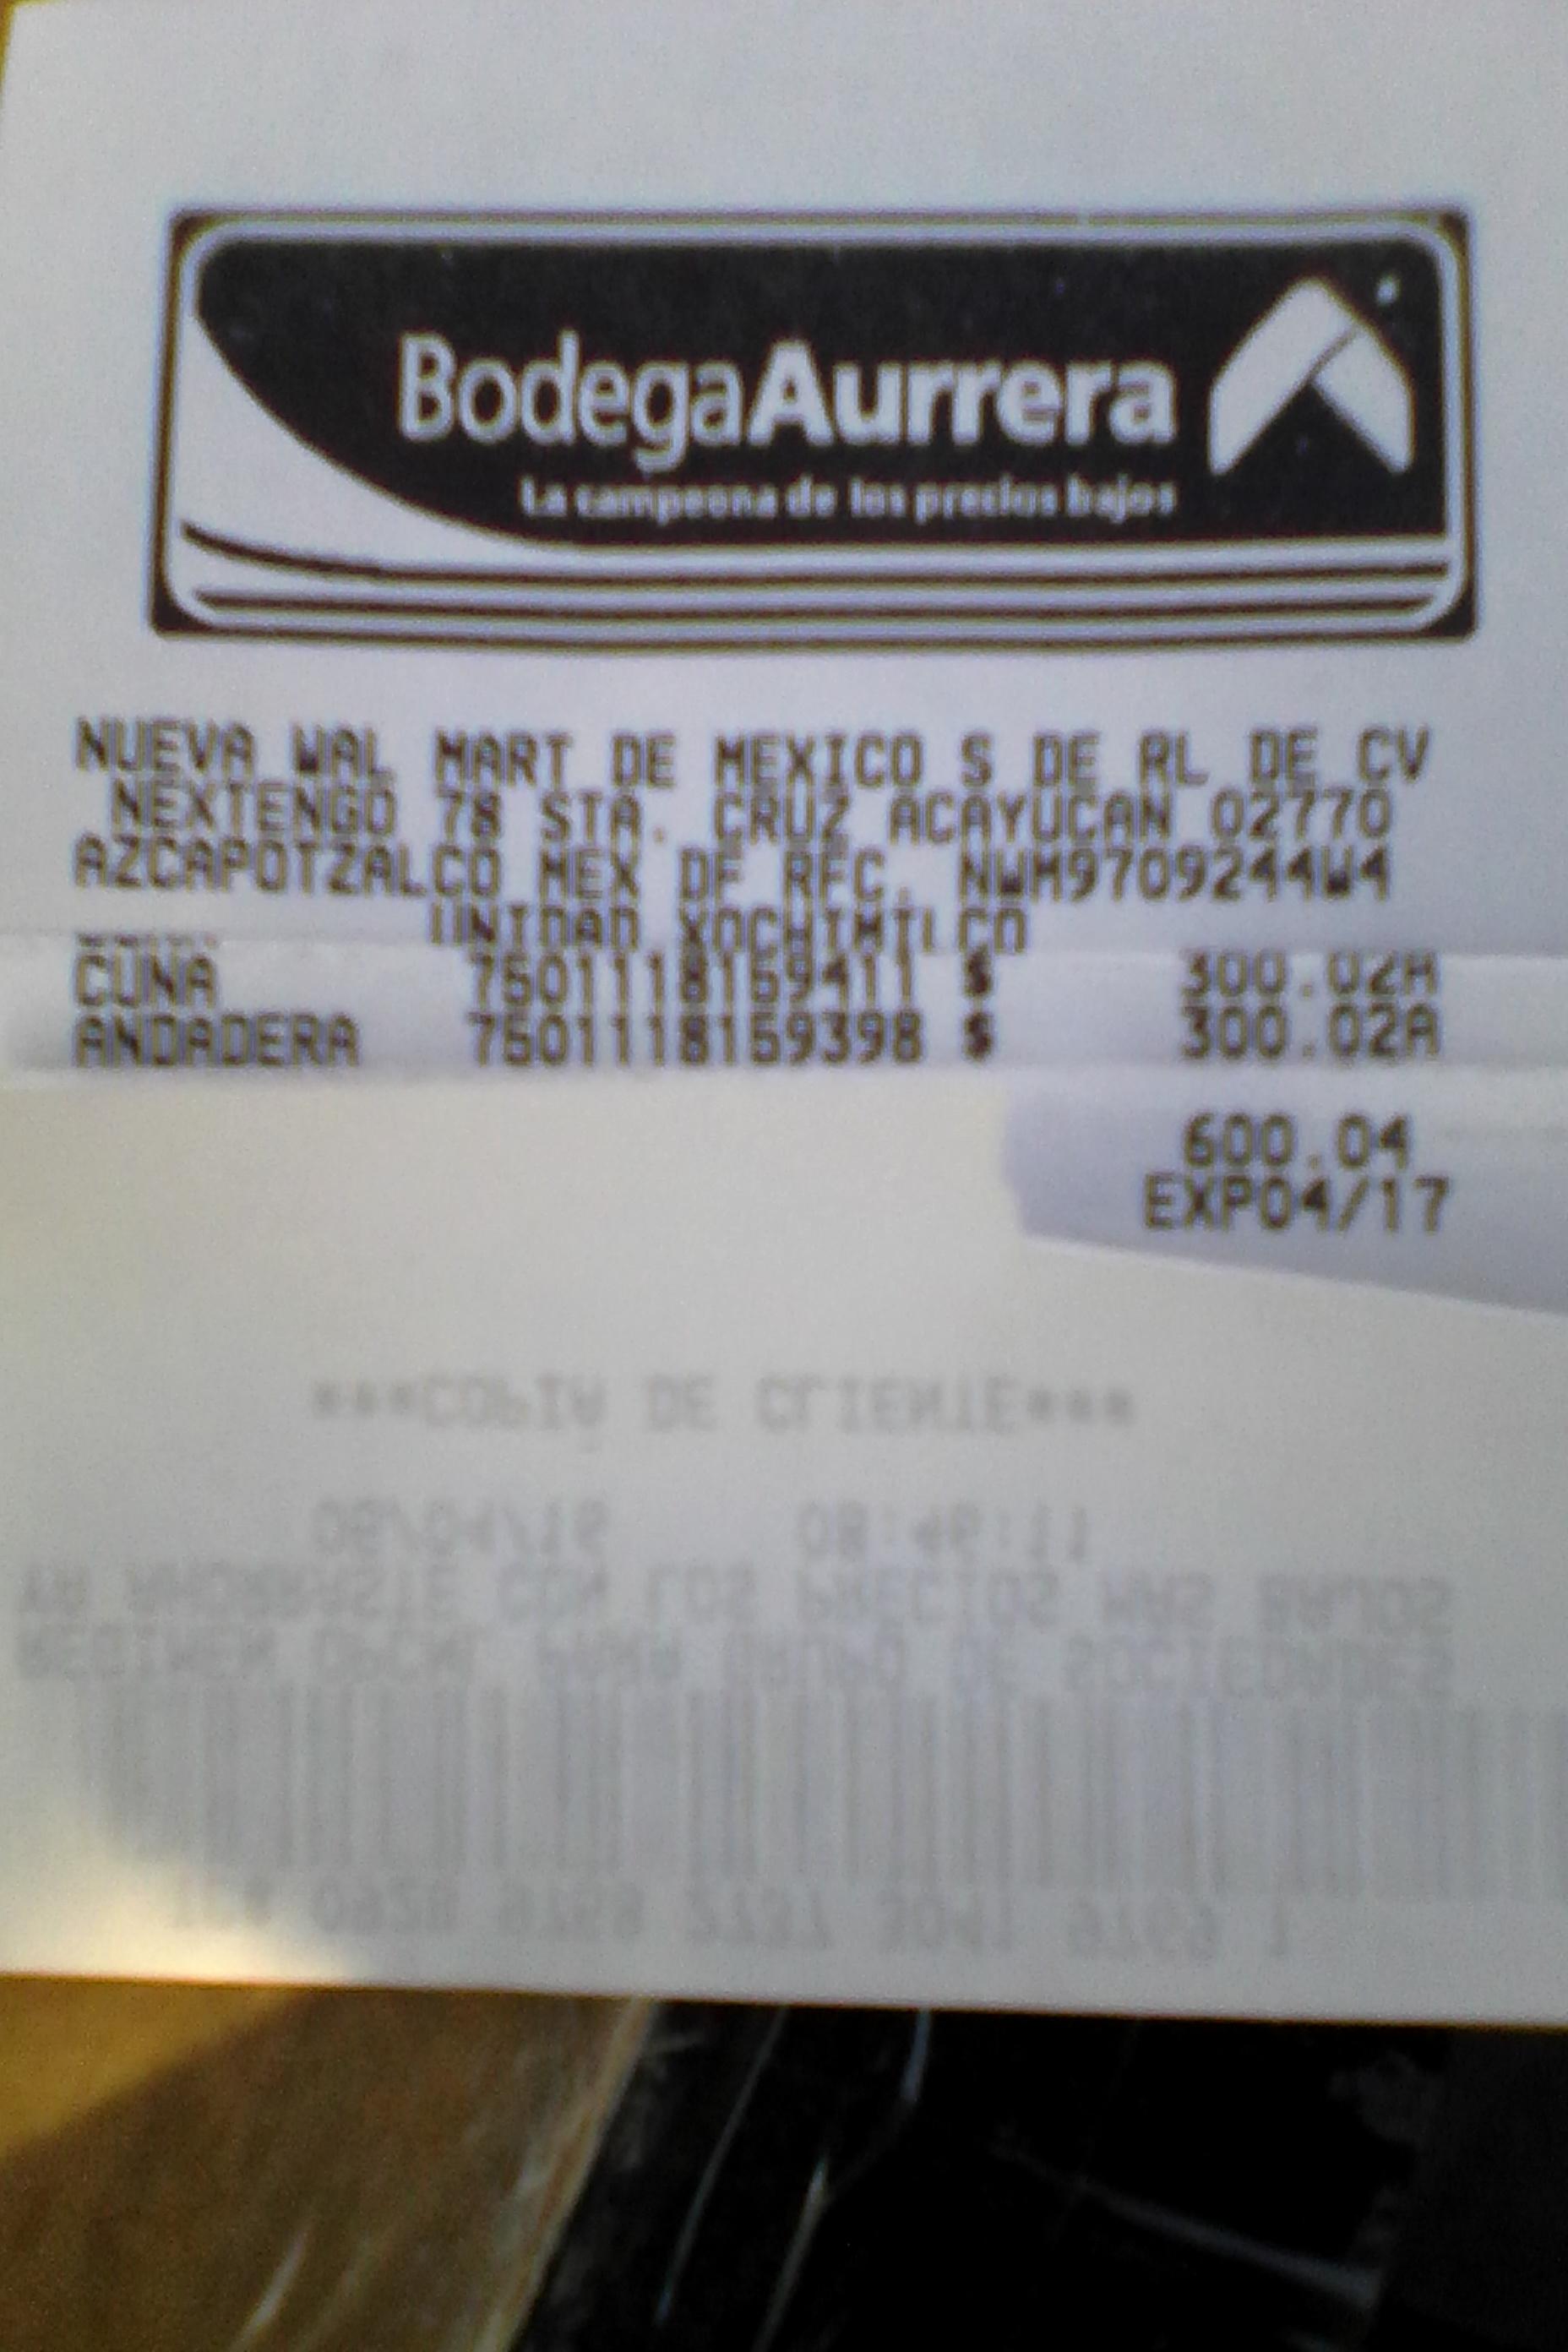 Bodega Aurrerá Xochimilco: andadera y cuna Disney a $300.02 c/u